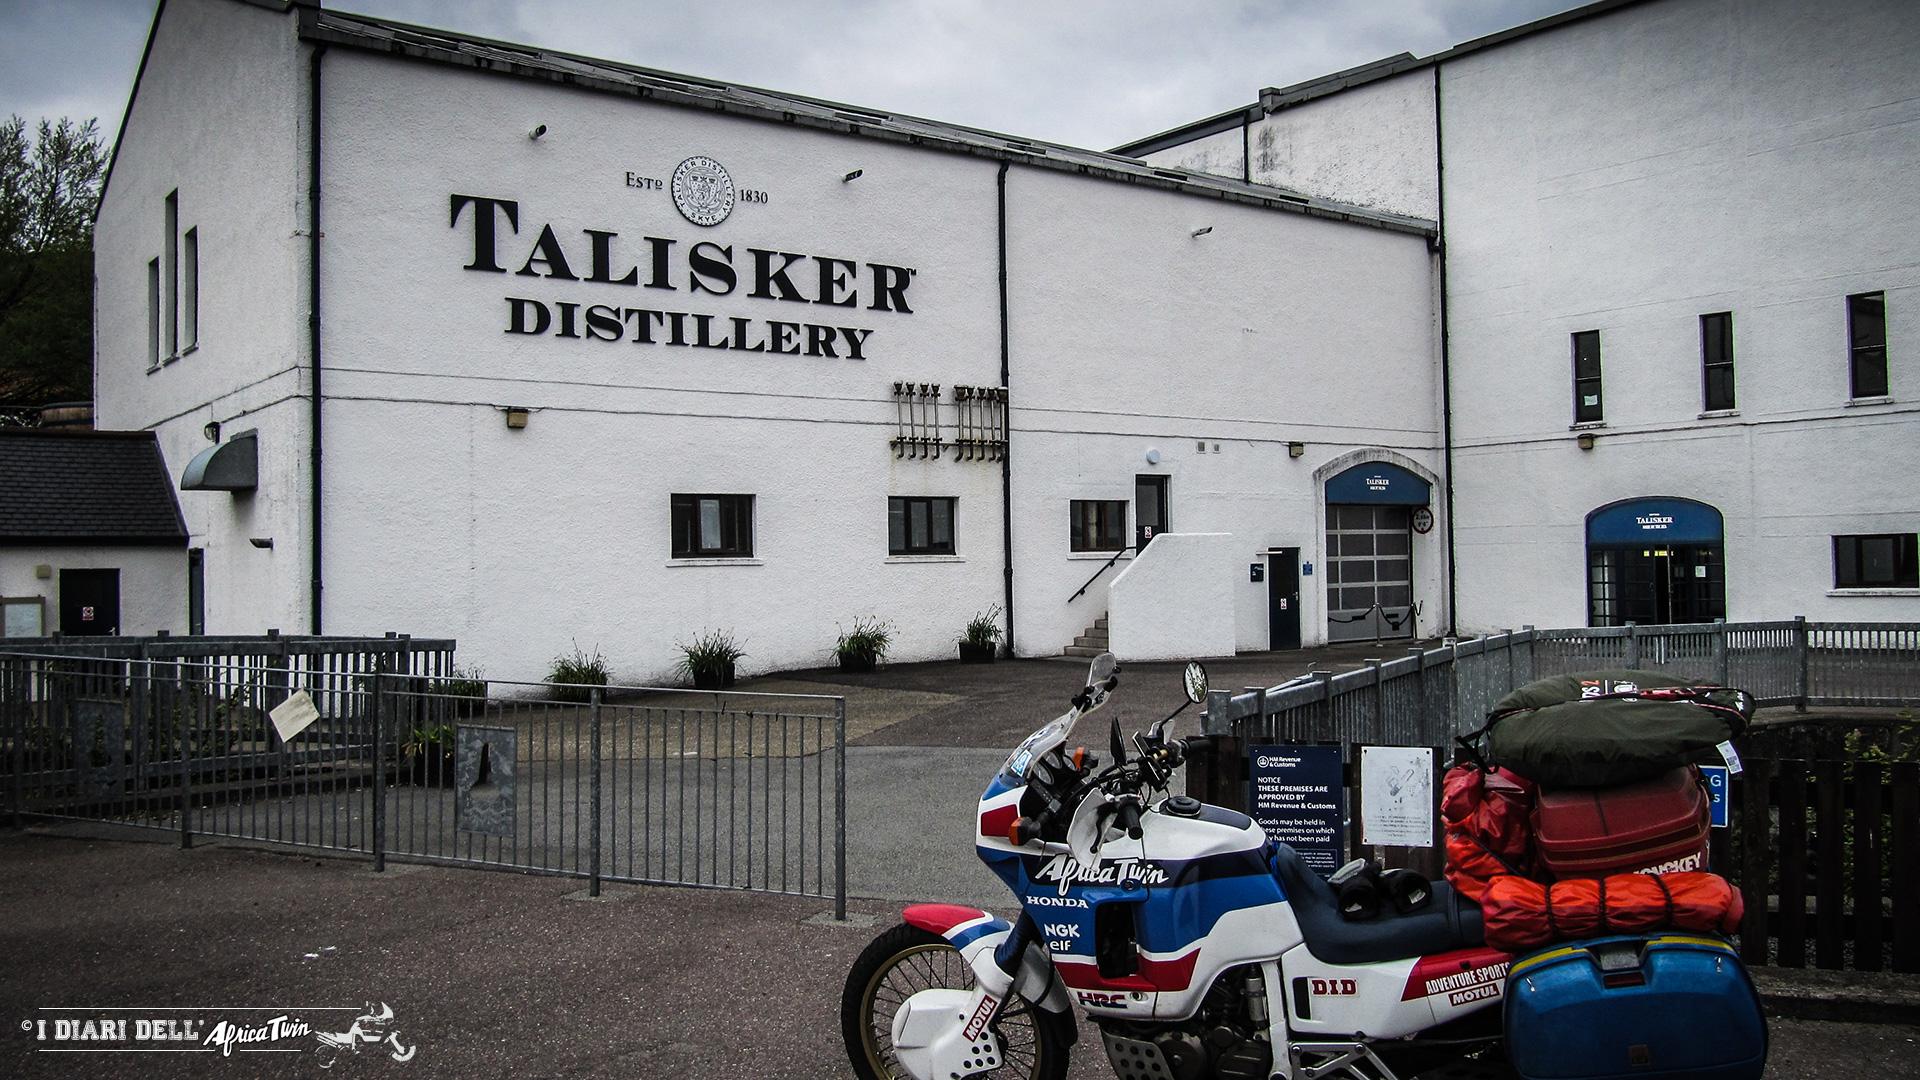 Talisker distillery, l'unica dell' isola di Skye